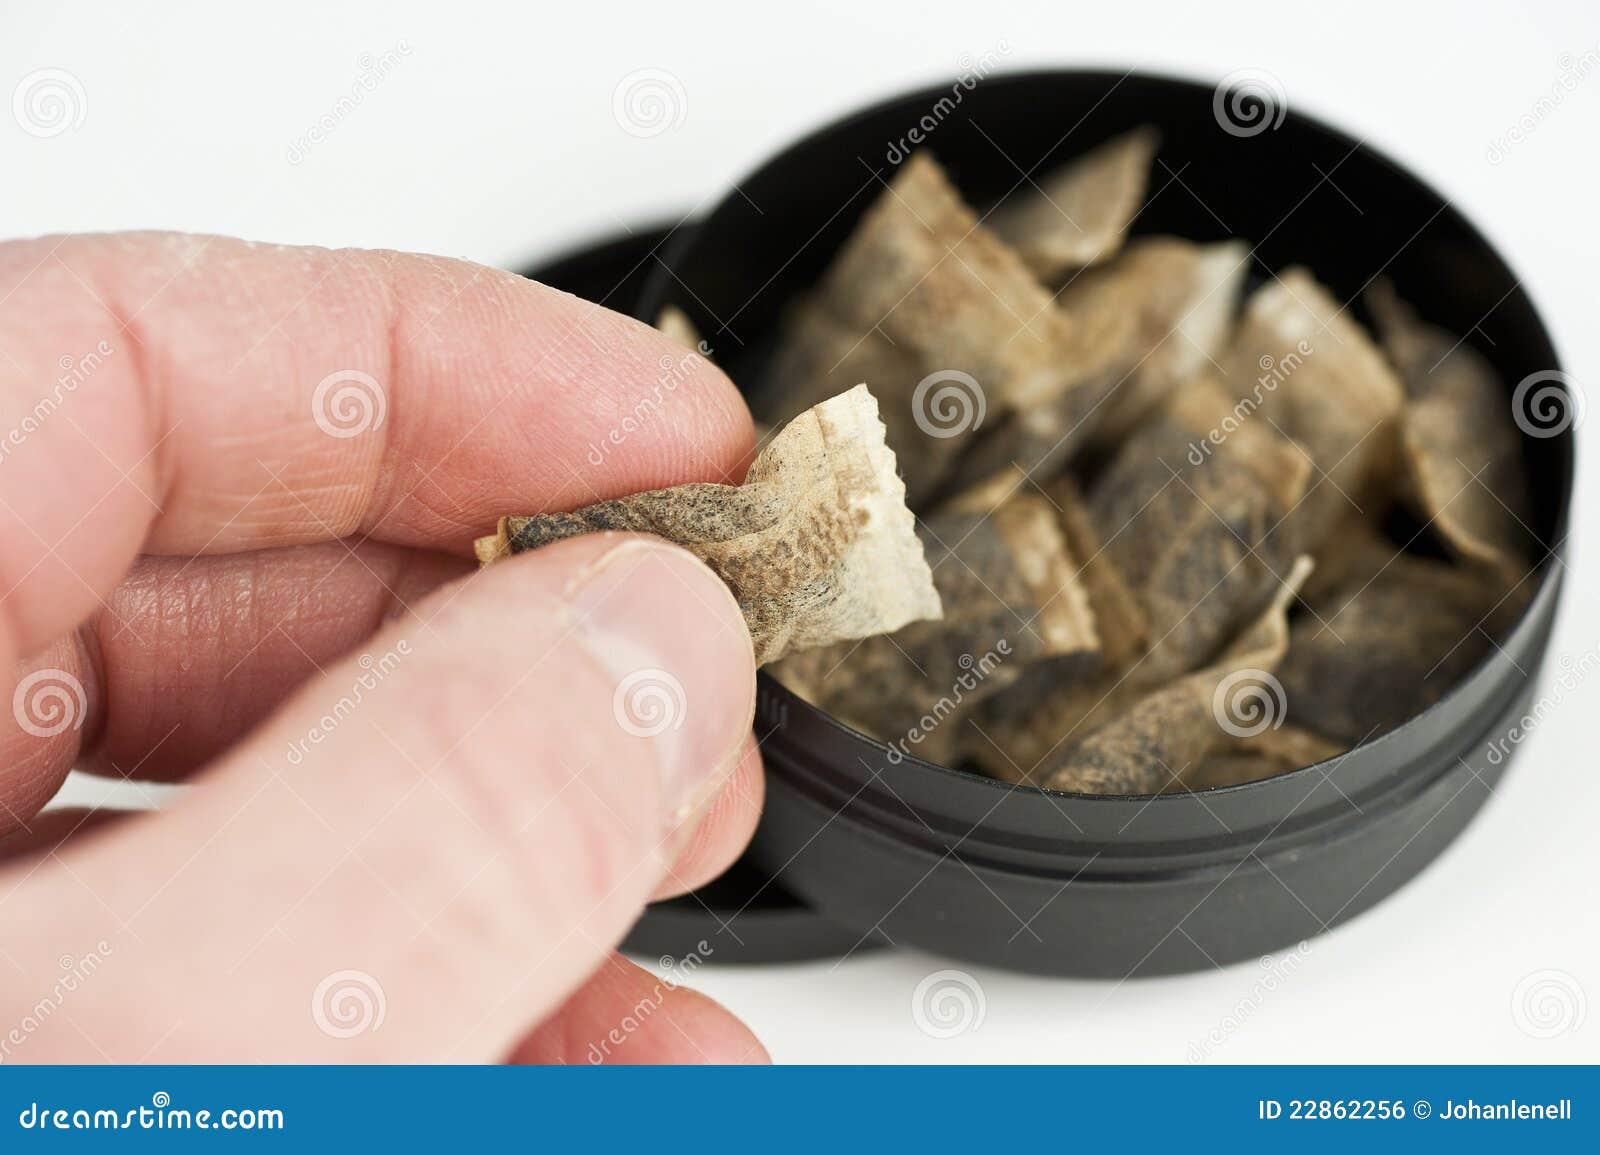 Снюс табак жевательный 21 фотография